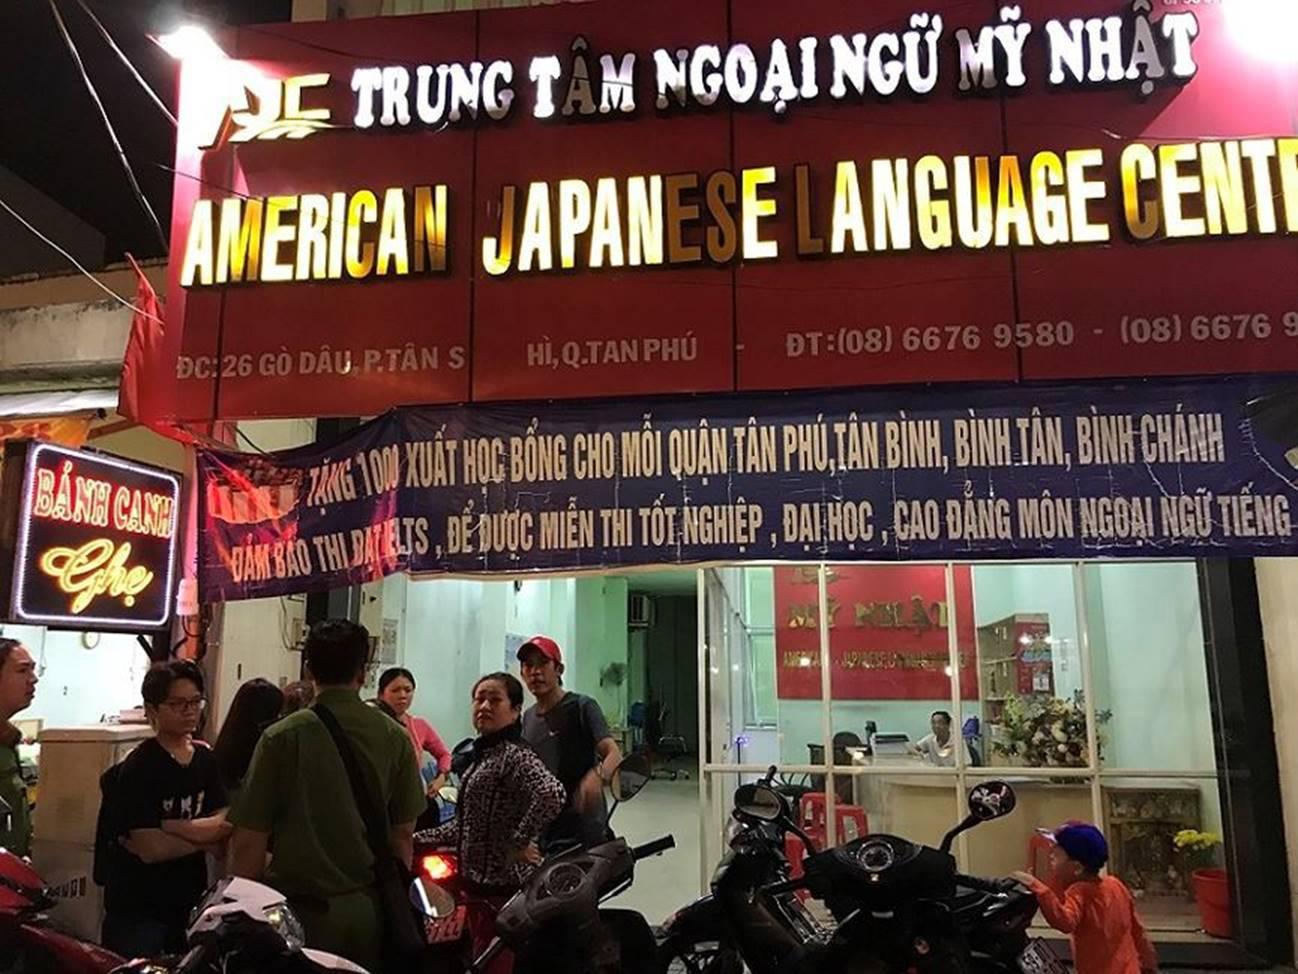 """Trung tâm ngoại ngữ ở Sài Gòn bị tố lừa đảo""""-2"""